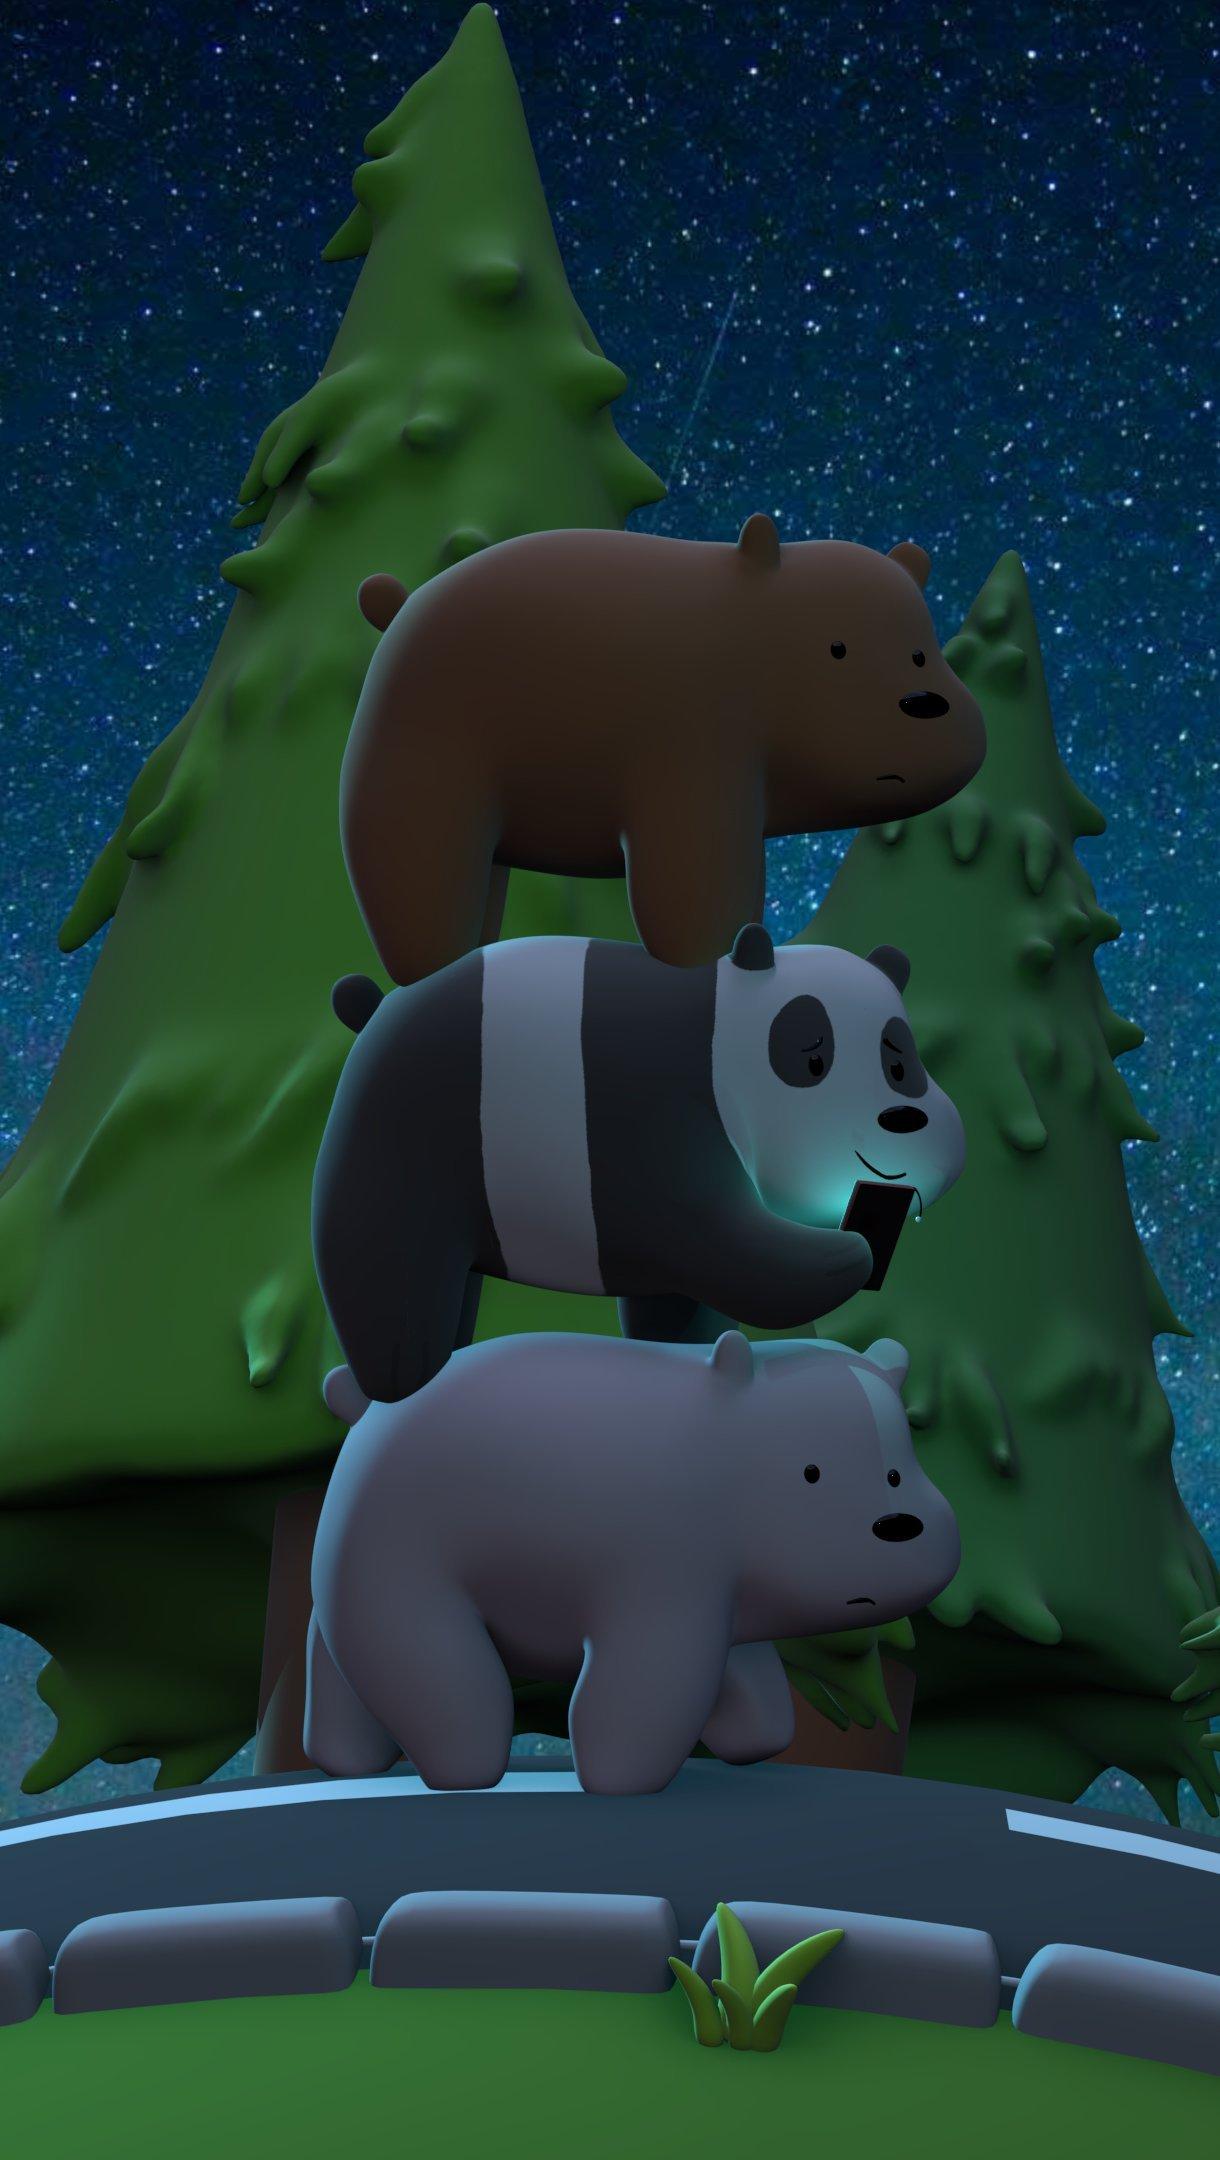 Fondos de pantalla 3D Escandalosos, Somos osos Vertical